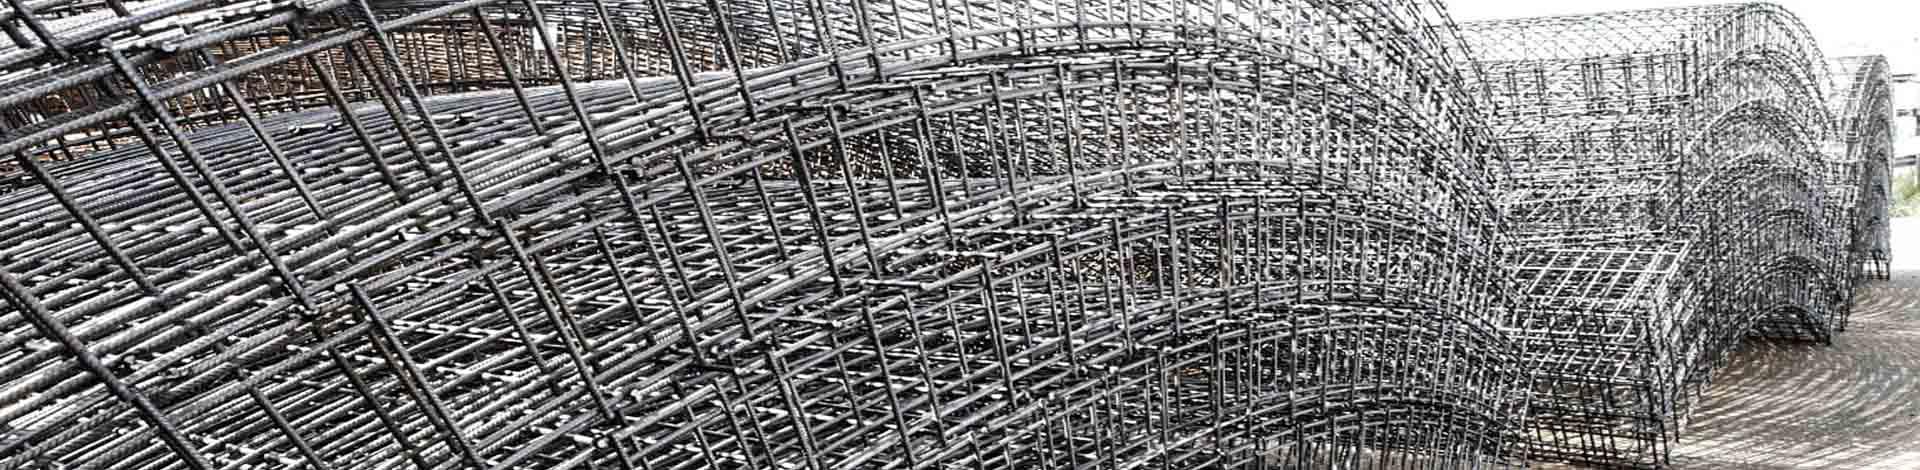 Tübbings, Coils, Stäbe und mehr von Sotralentz Construction